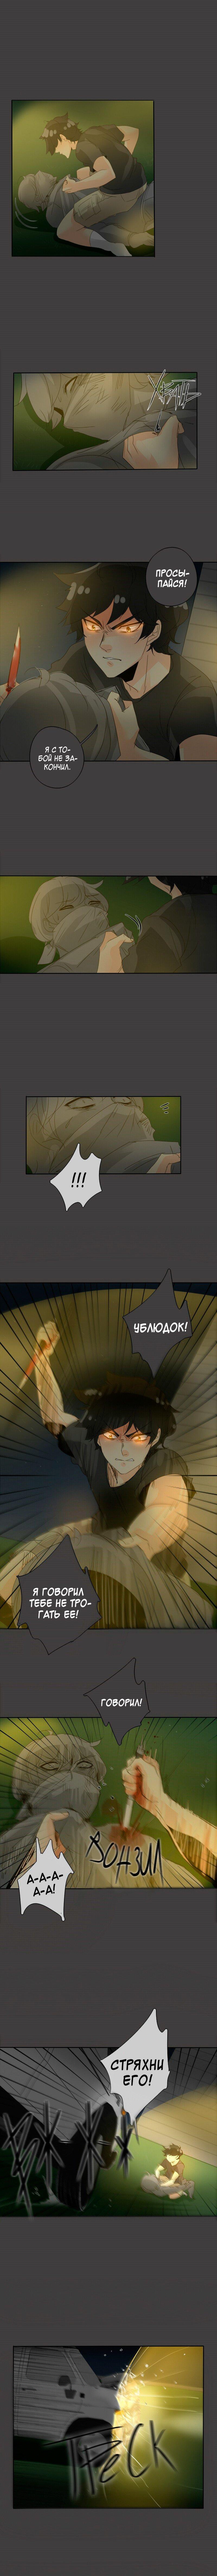 Манга неОРДИНАРНЫЕ / unORDINARY  - Том 1 Глава 75 Страница 10